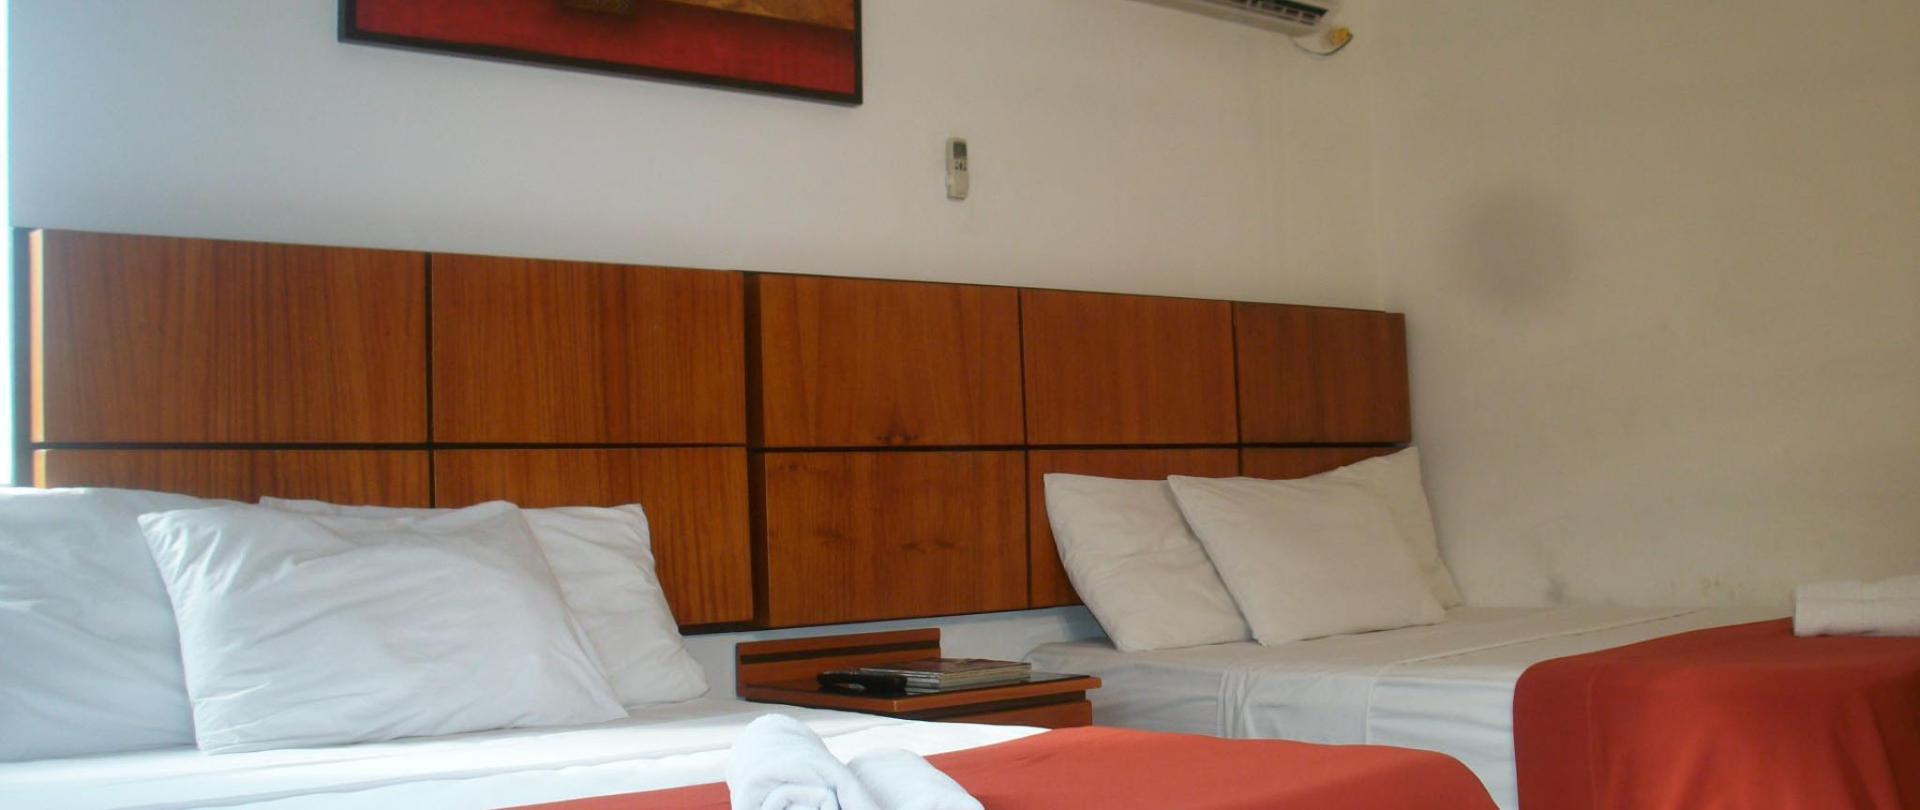 apart-suites-31.jpg